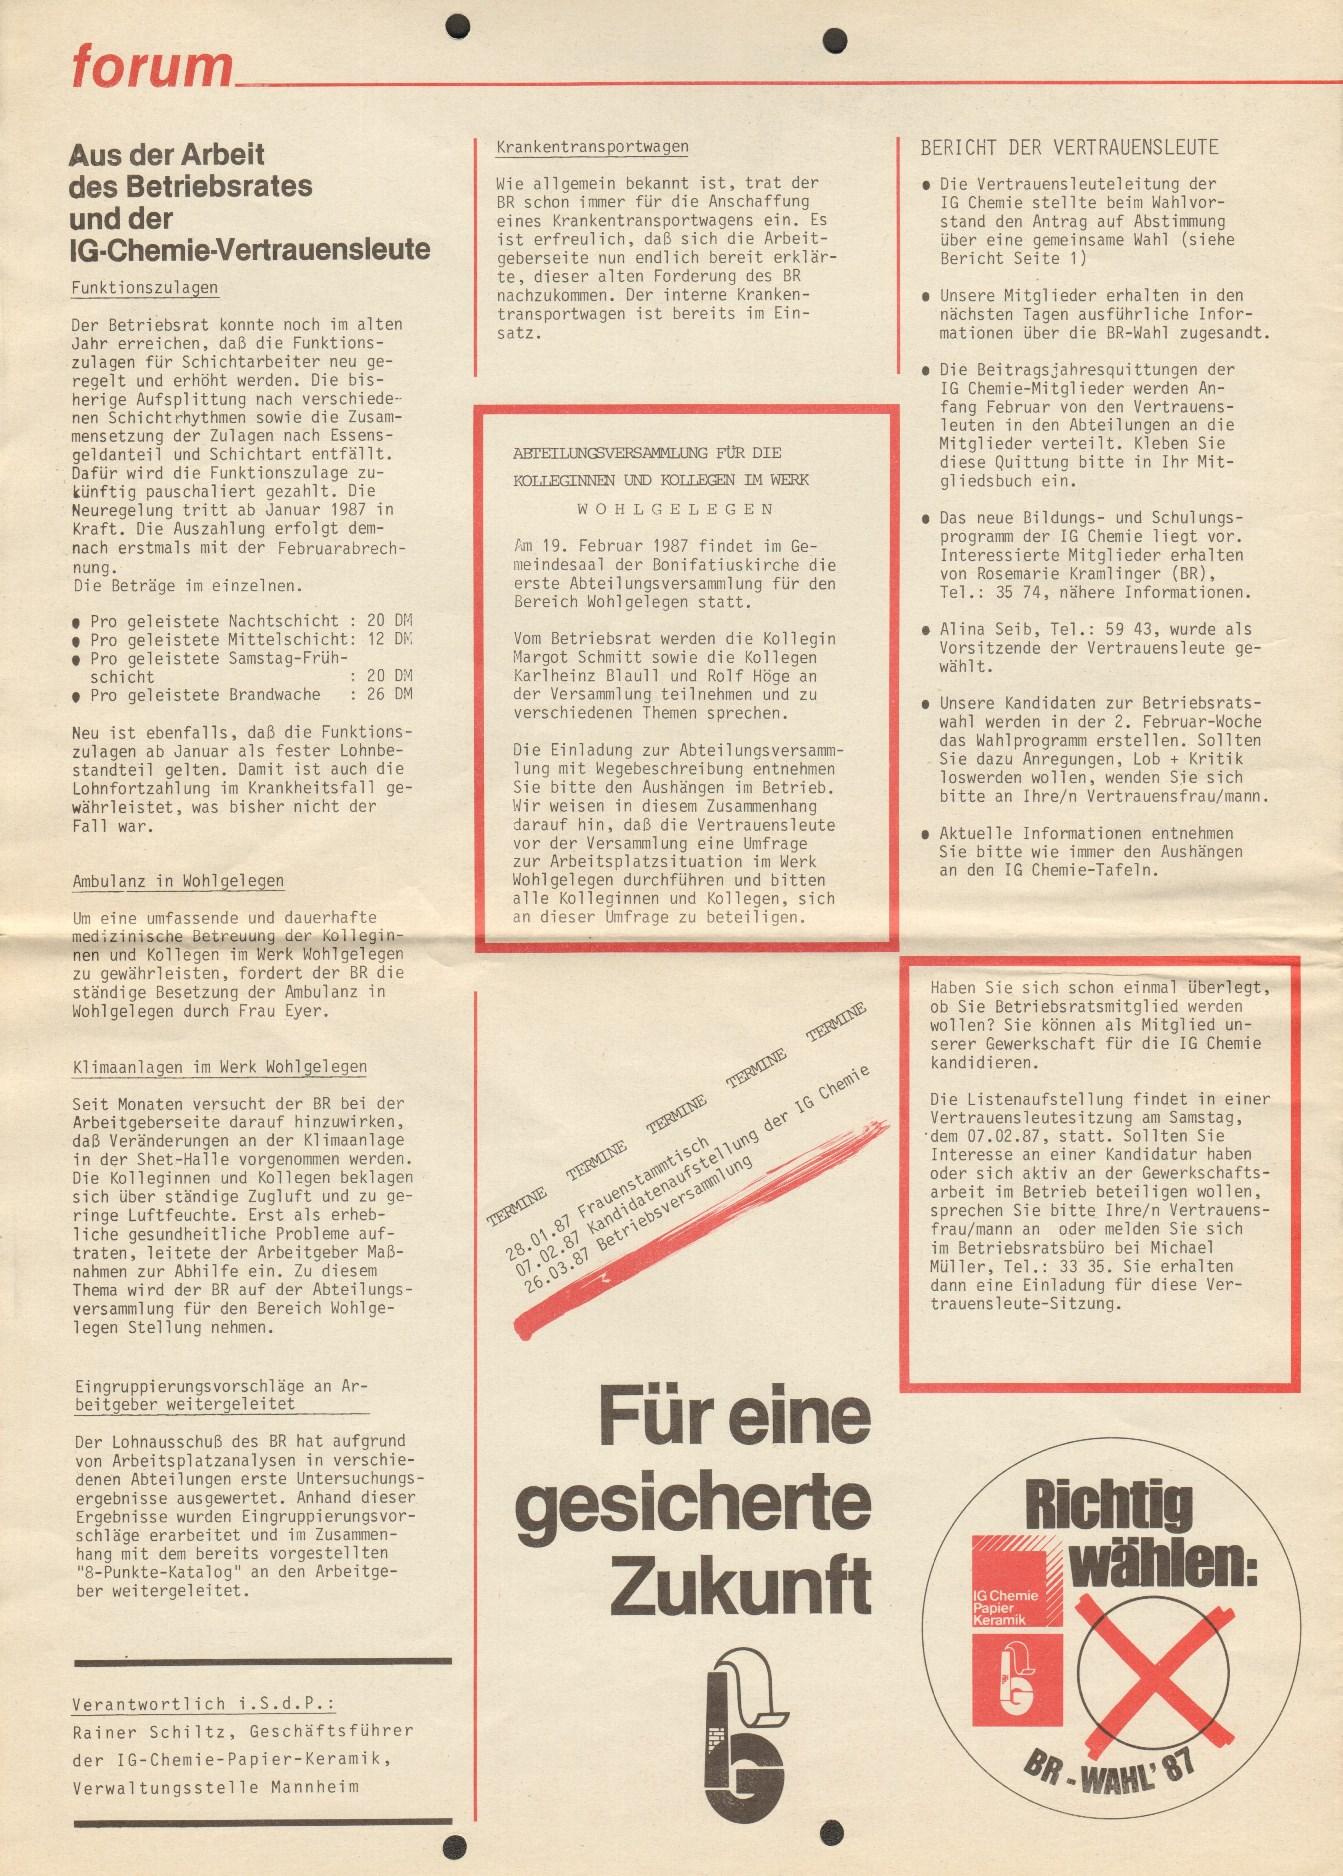 Mannheim_Boehringer_Ausschluss_VKL_1987_01_04